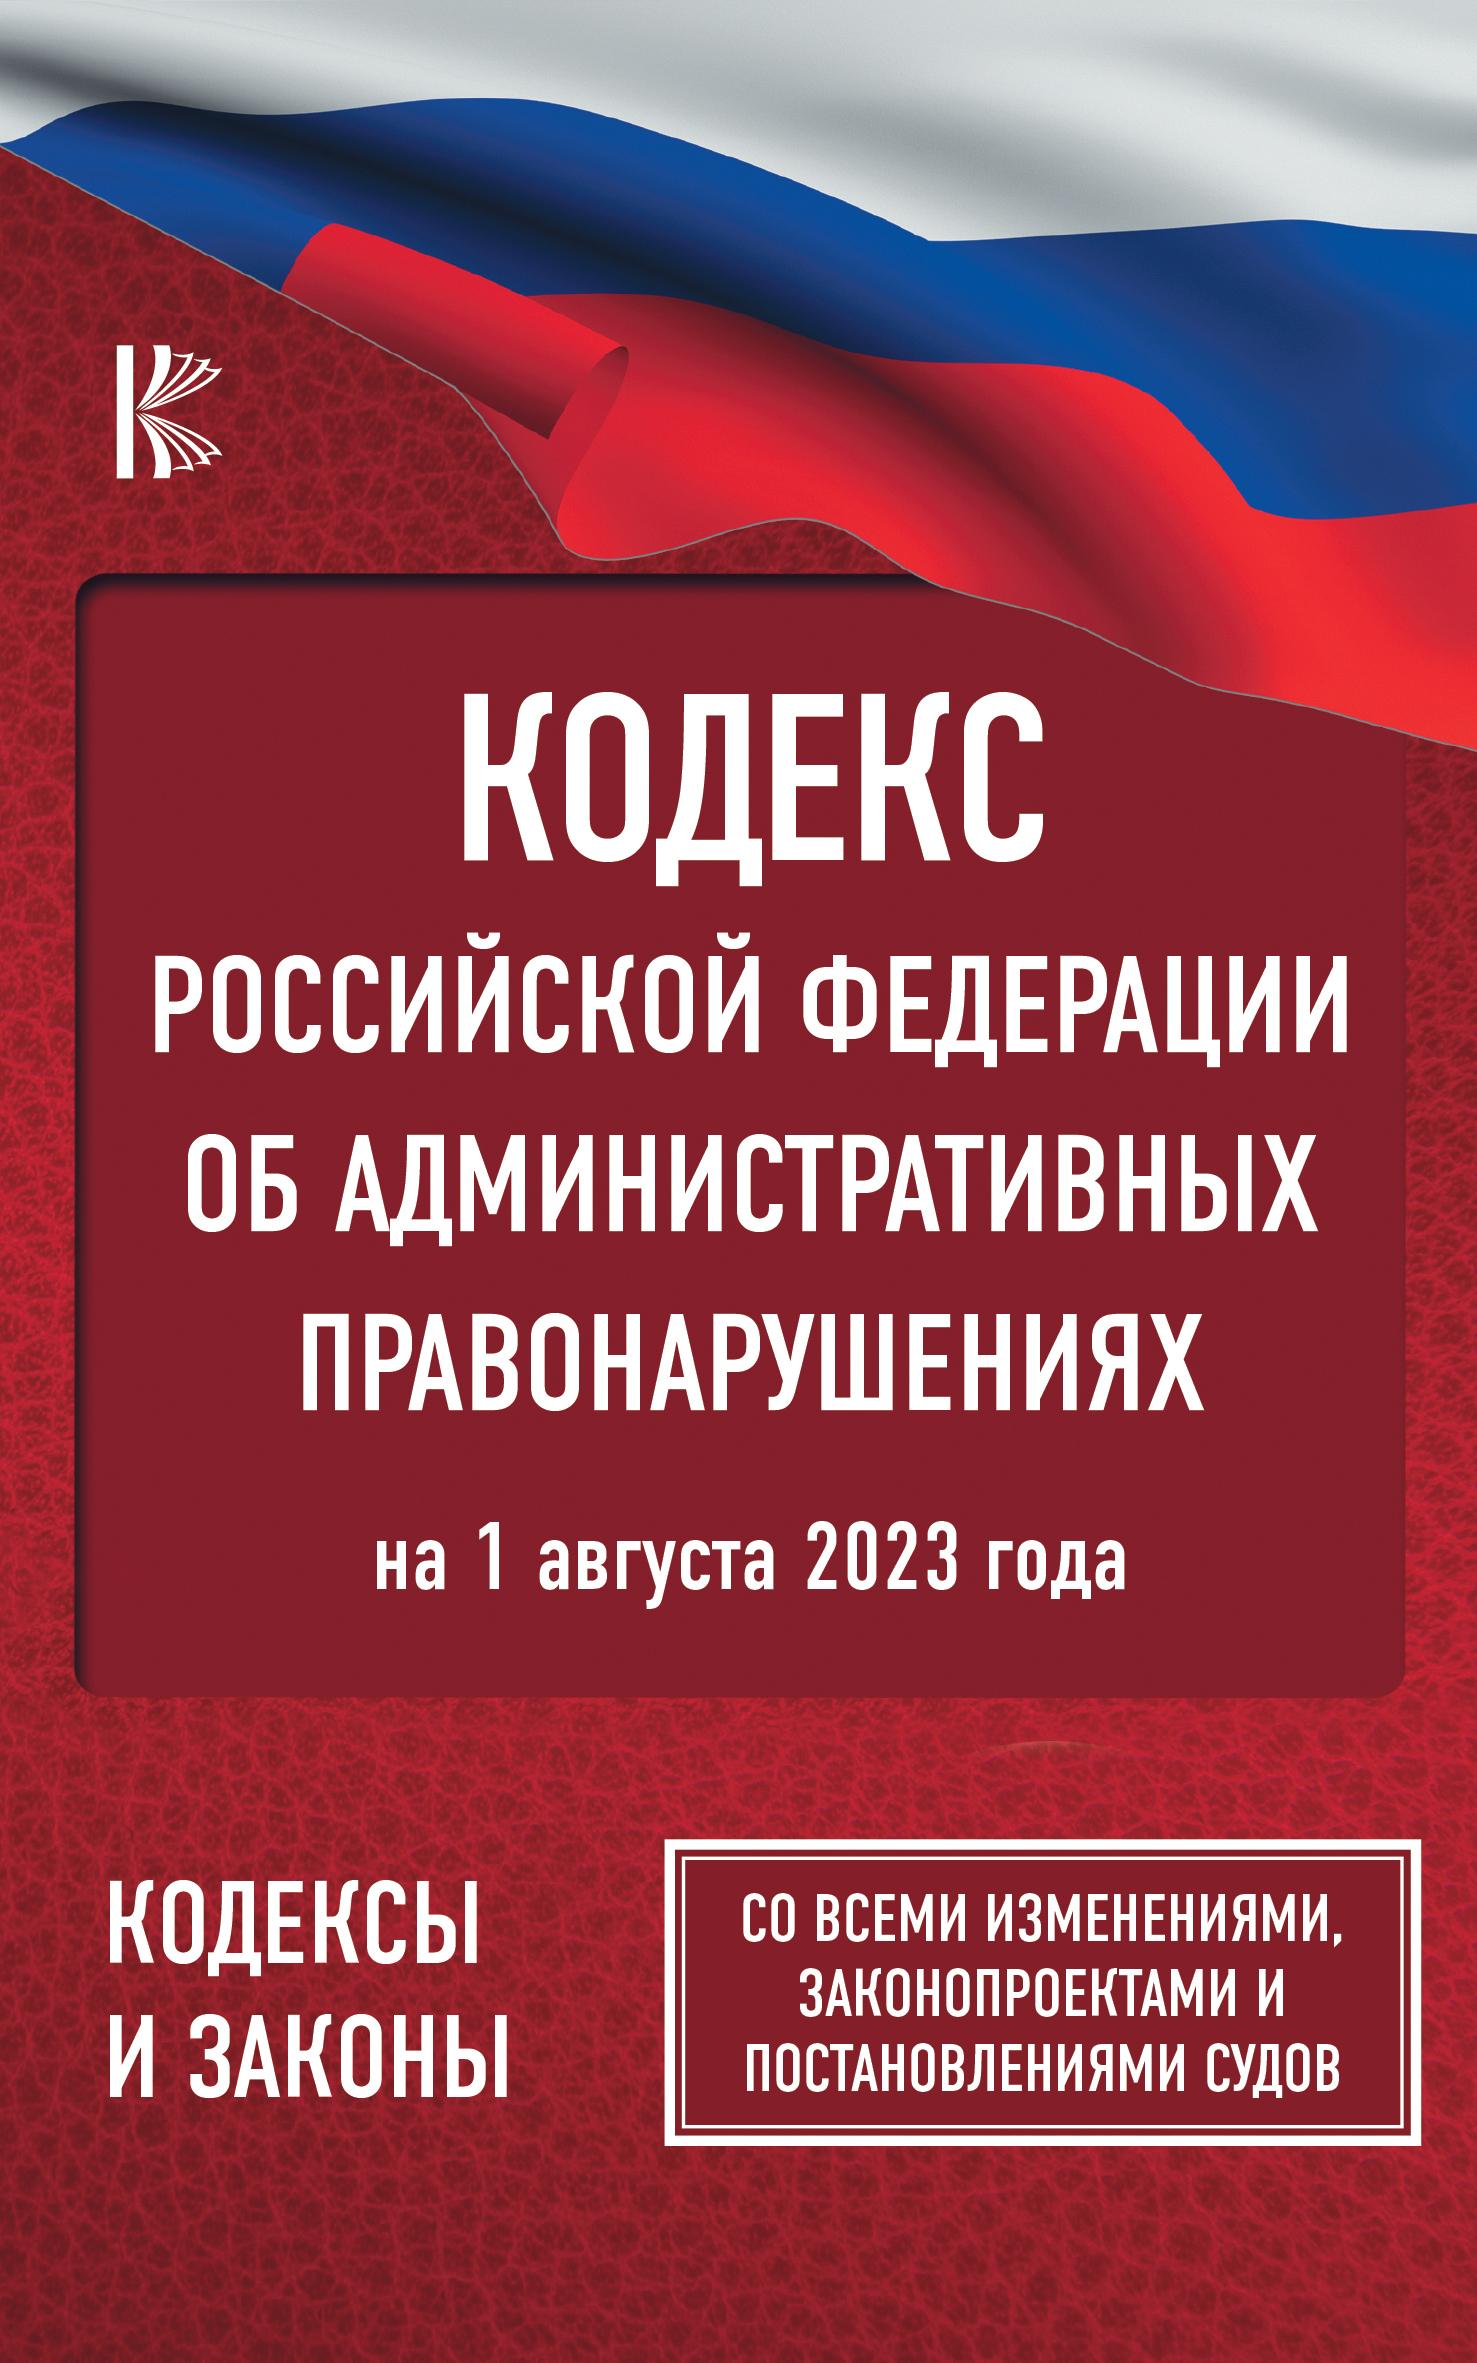 Фото - Нормативные правовые акты Кодекс Российской Федерации об административных правонарушениях на 1 мая 2020 года кодекс российской федерации об административных правонарушениях текст с изменениями и дополнениями на 1 октября 2019 года